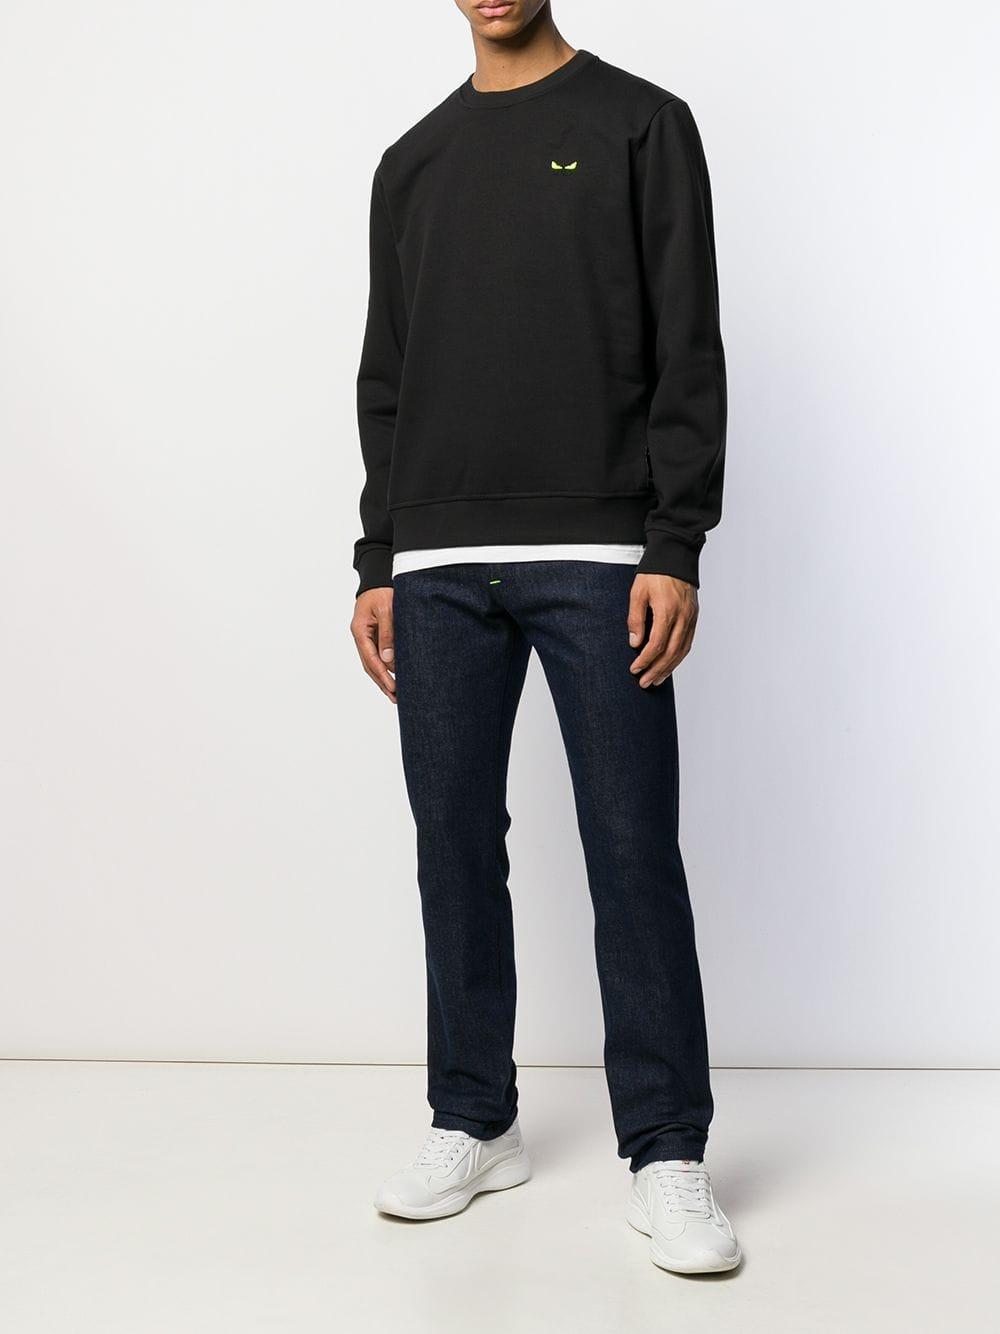 Fendi Katoen Bag Bugs Sweater in het Zwart voor heren